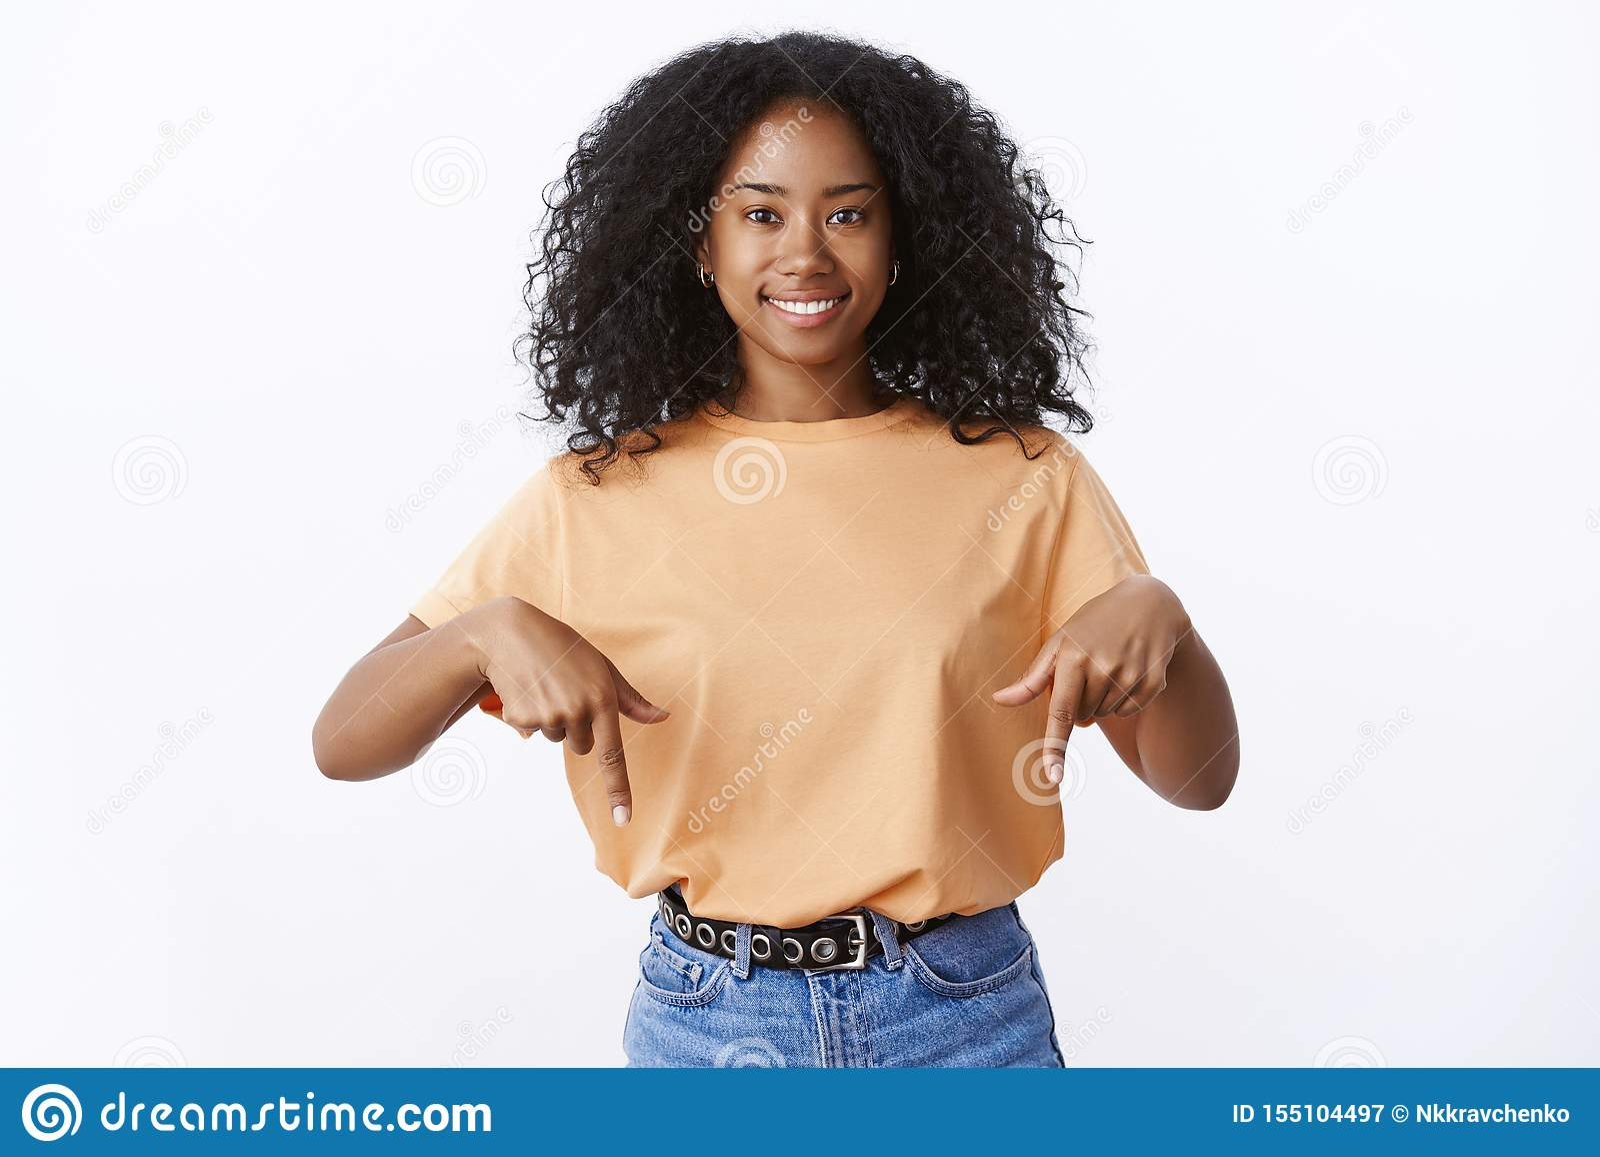 Dedos índices punteagudos amistosos sonrientes encantadores del afroamericano 20s de la mujer del corte de pelo joven animado lin